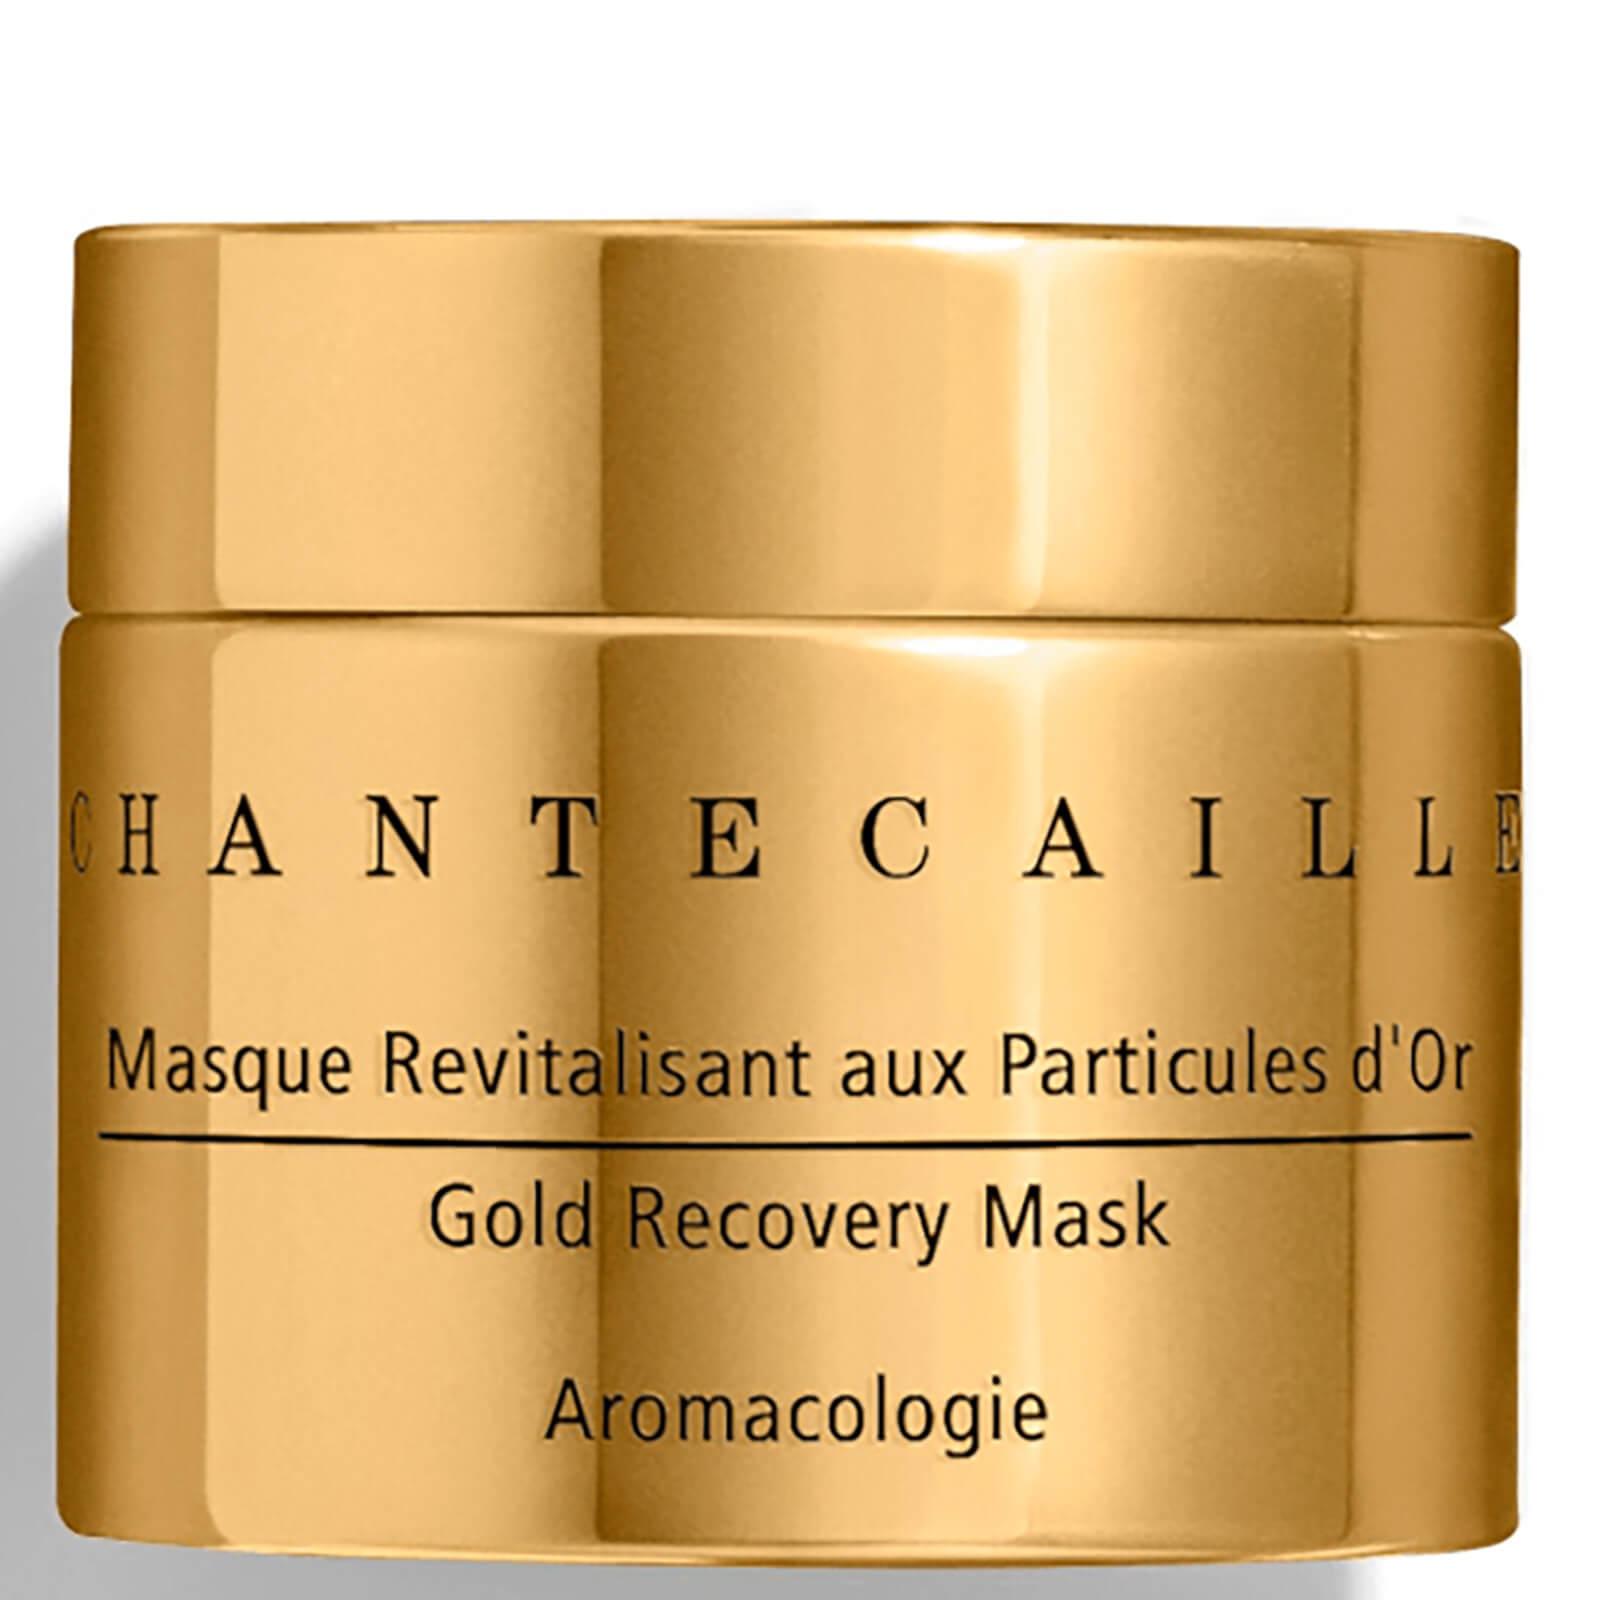 Chantecaille Masque revitalisant aux particules d'or, 50ml